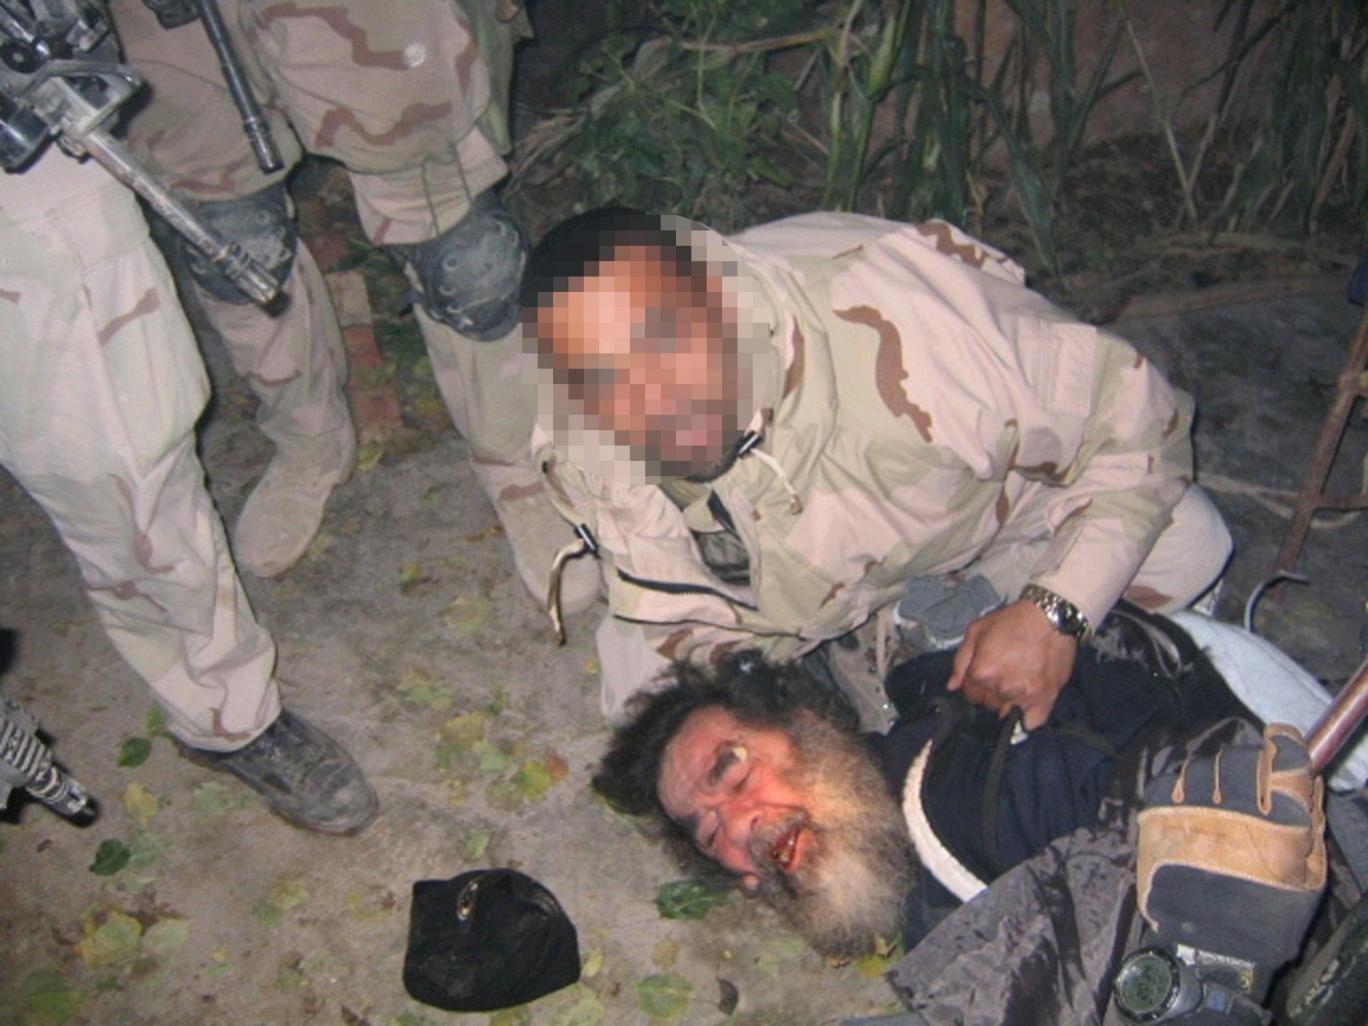 بازجوی صدام: آمریکا درک درستی از شرایط عراق نداشت